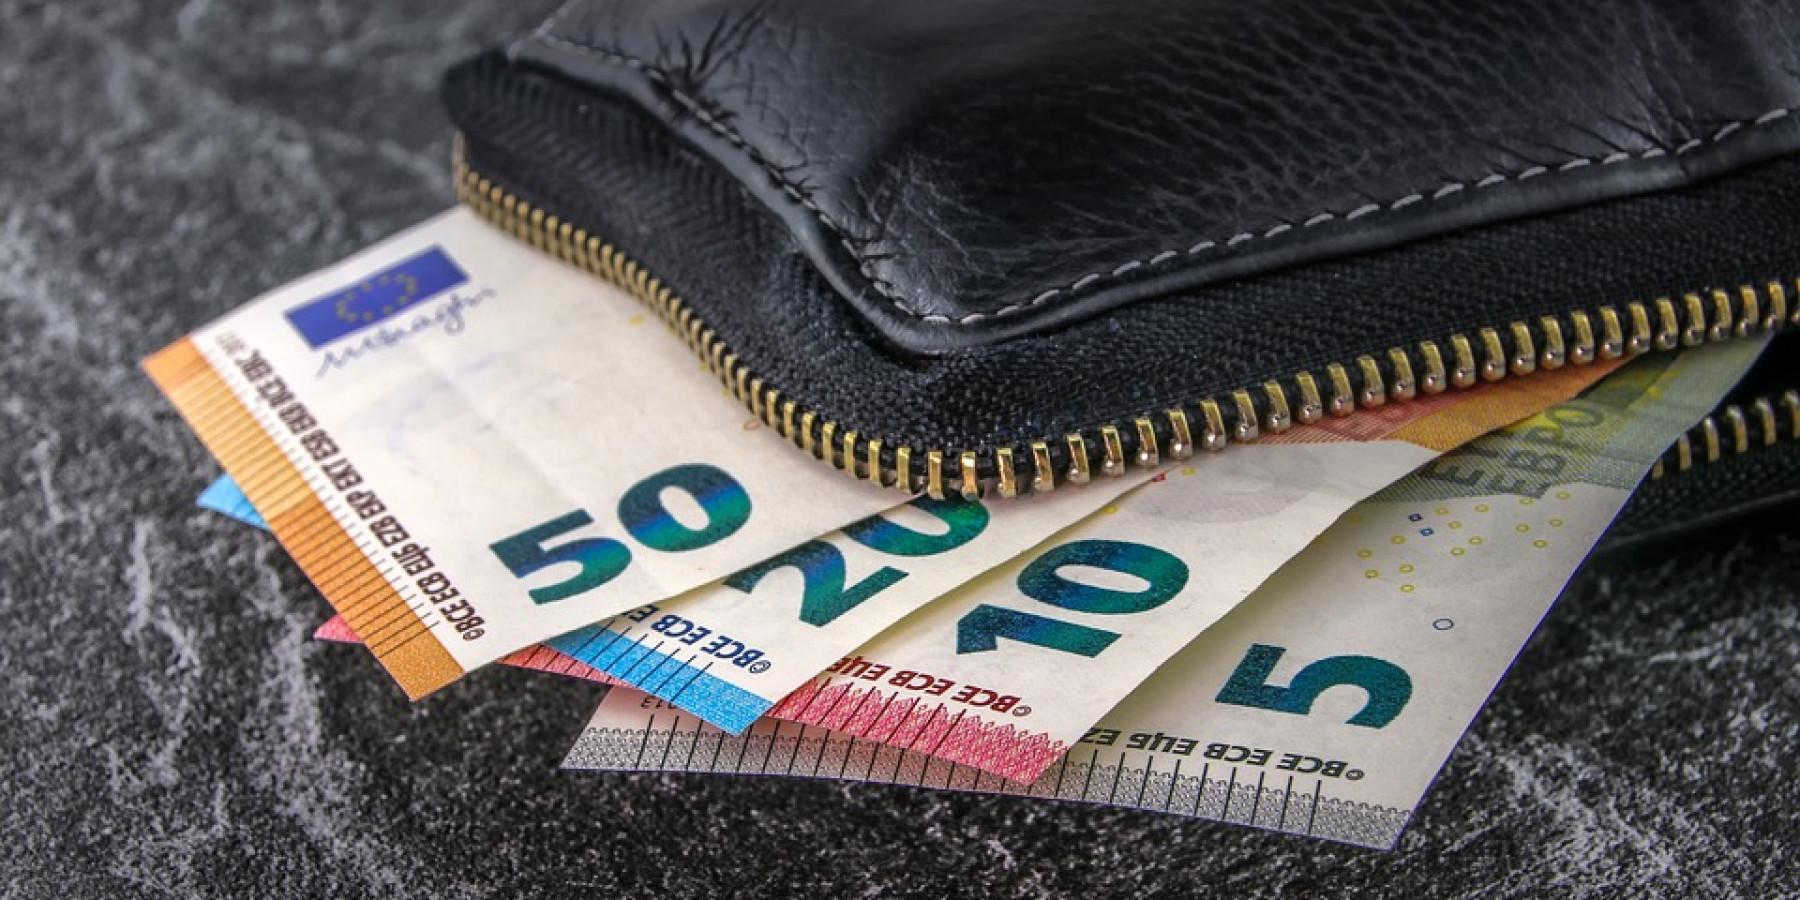 Geldbörse aus Fahrradkorb gestohlen